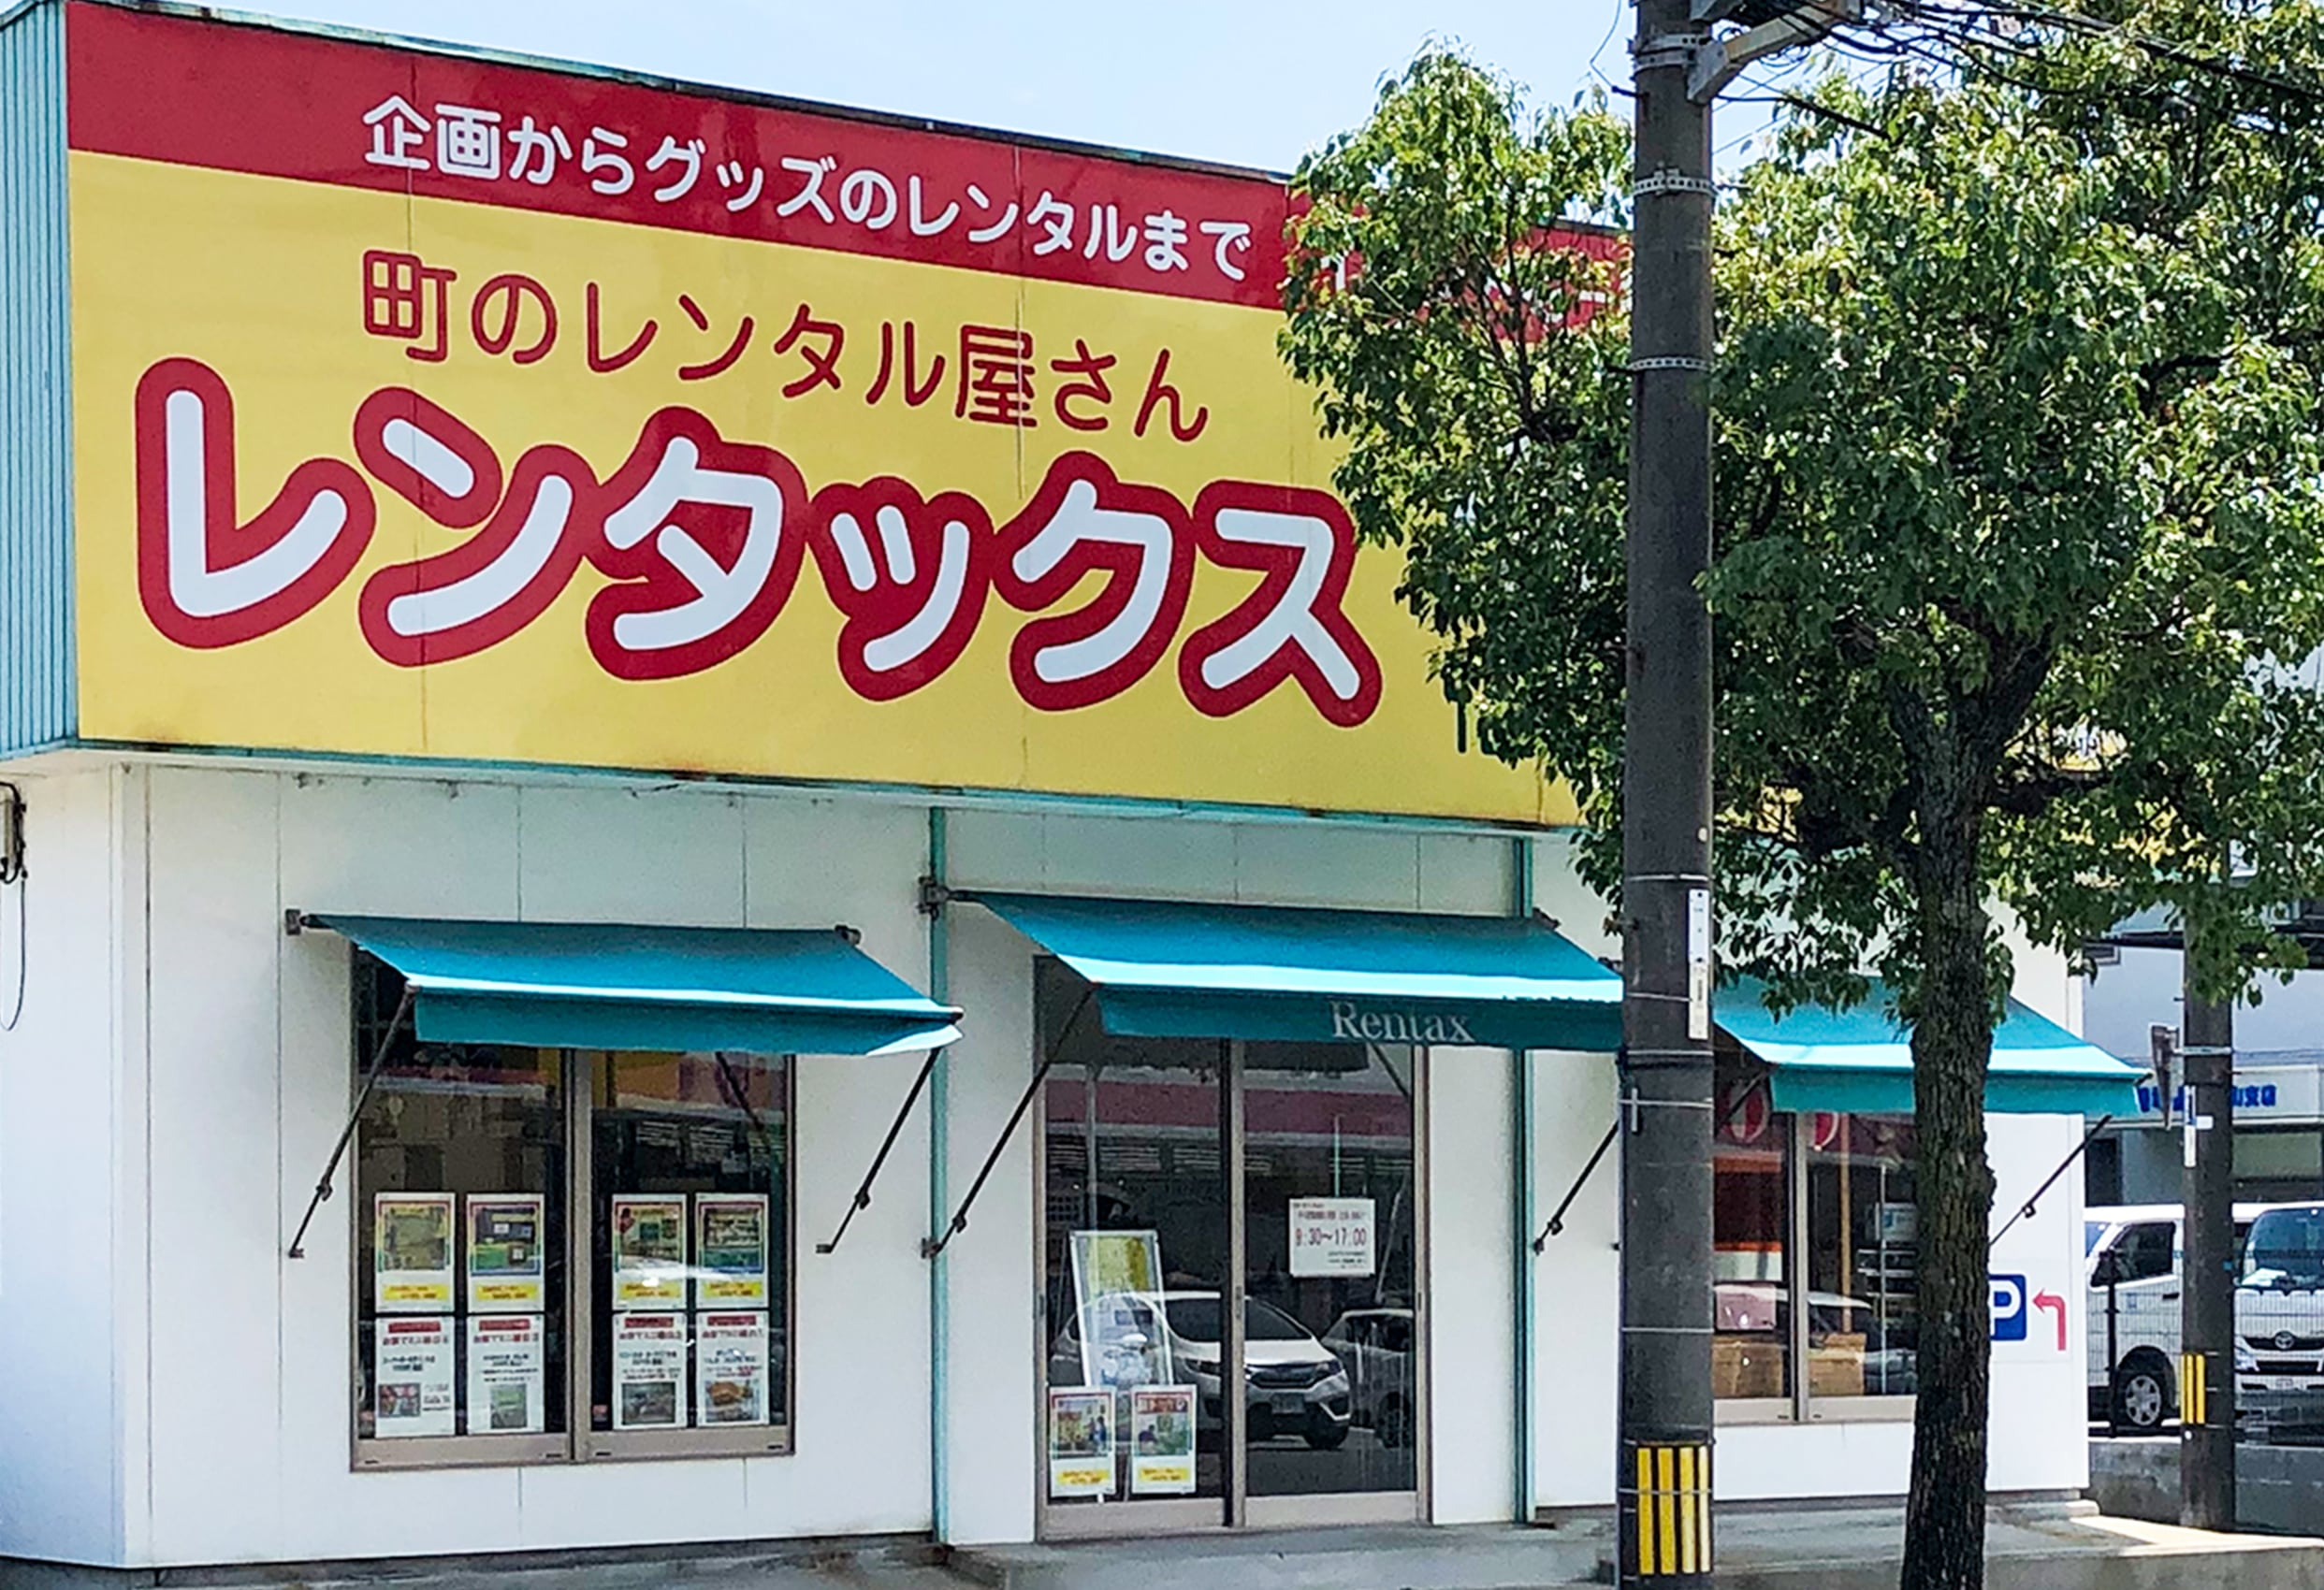 レンタックス店舗写真